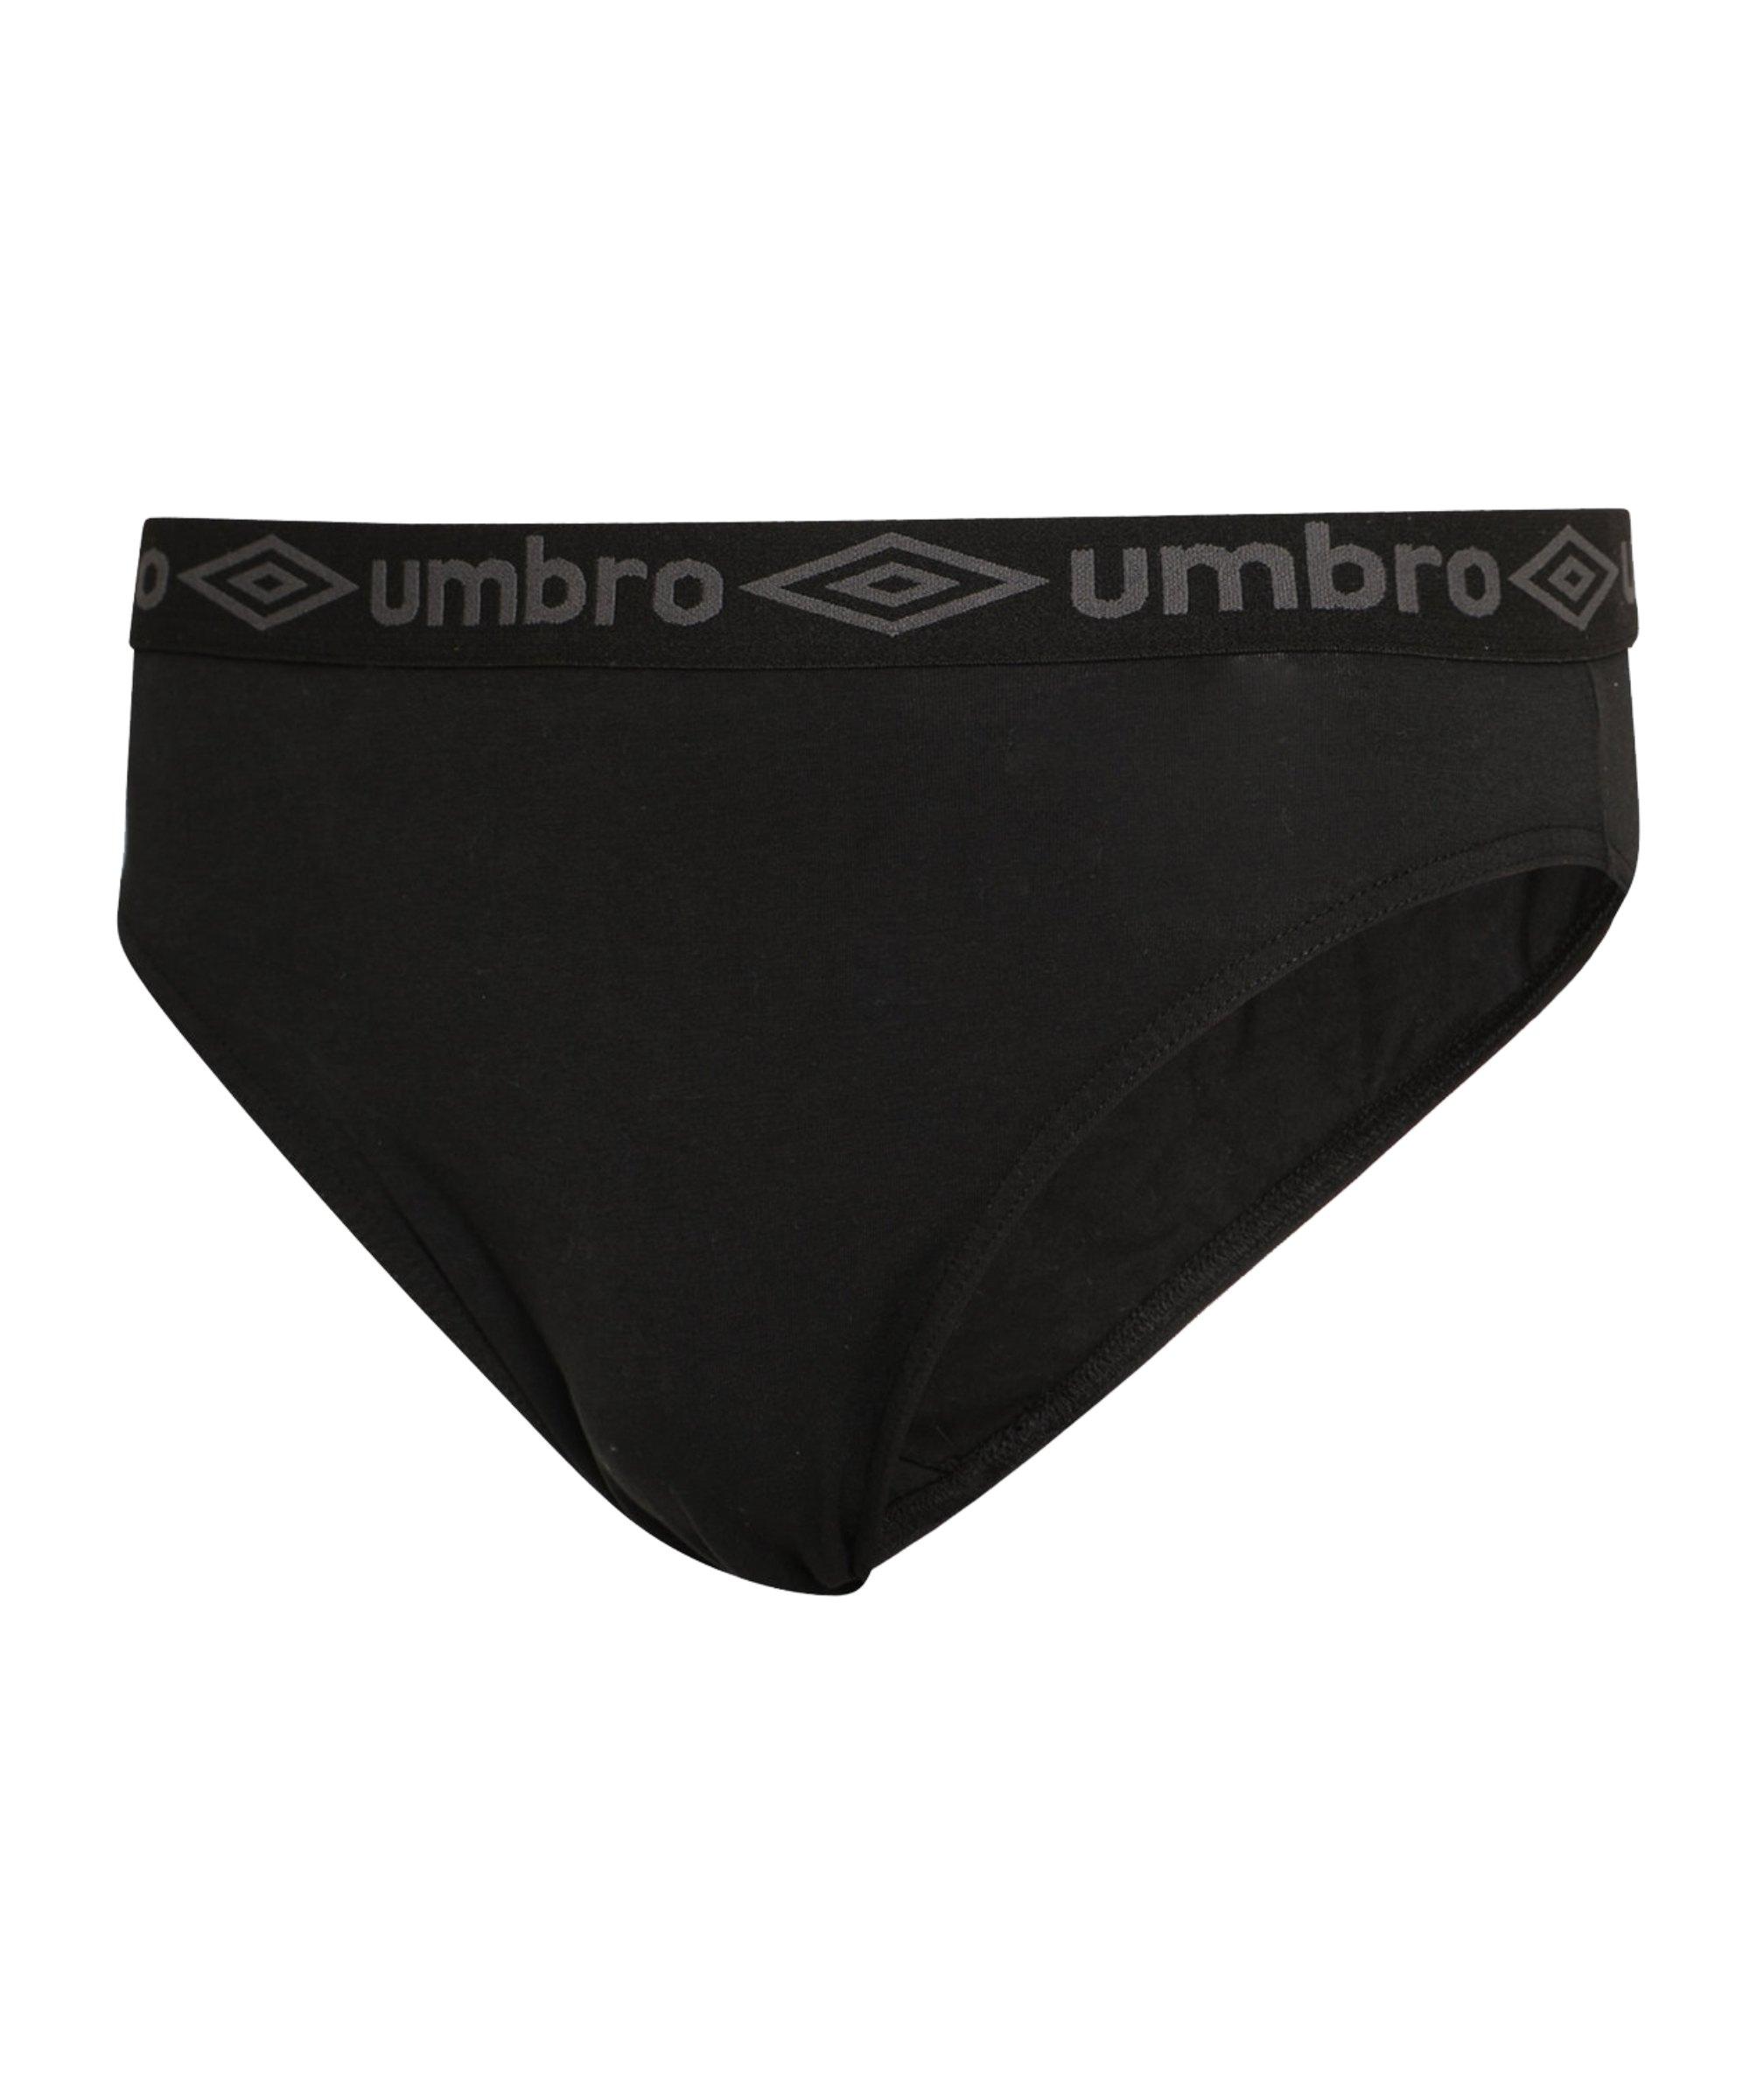 Umbro Plain Briefs 3er Pack Schwarz F001 - schwarz